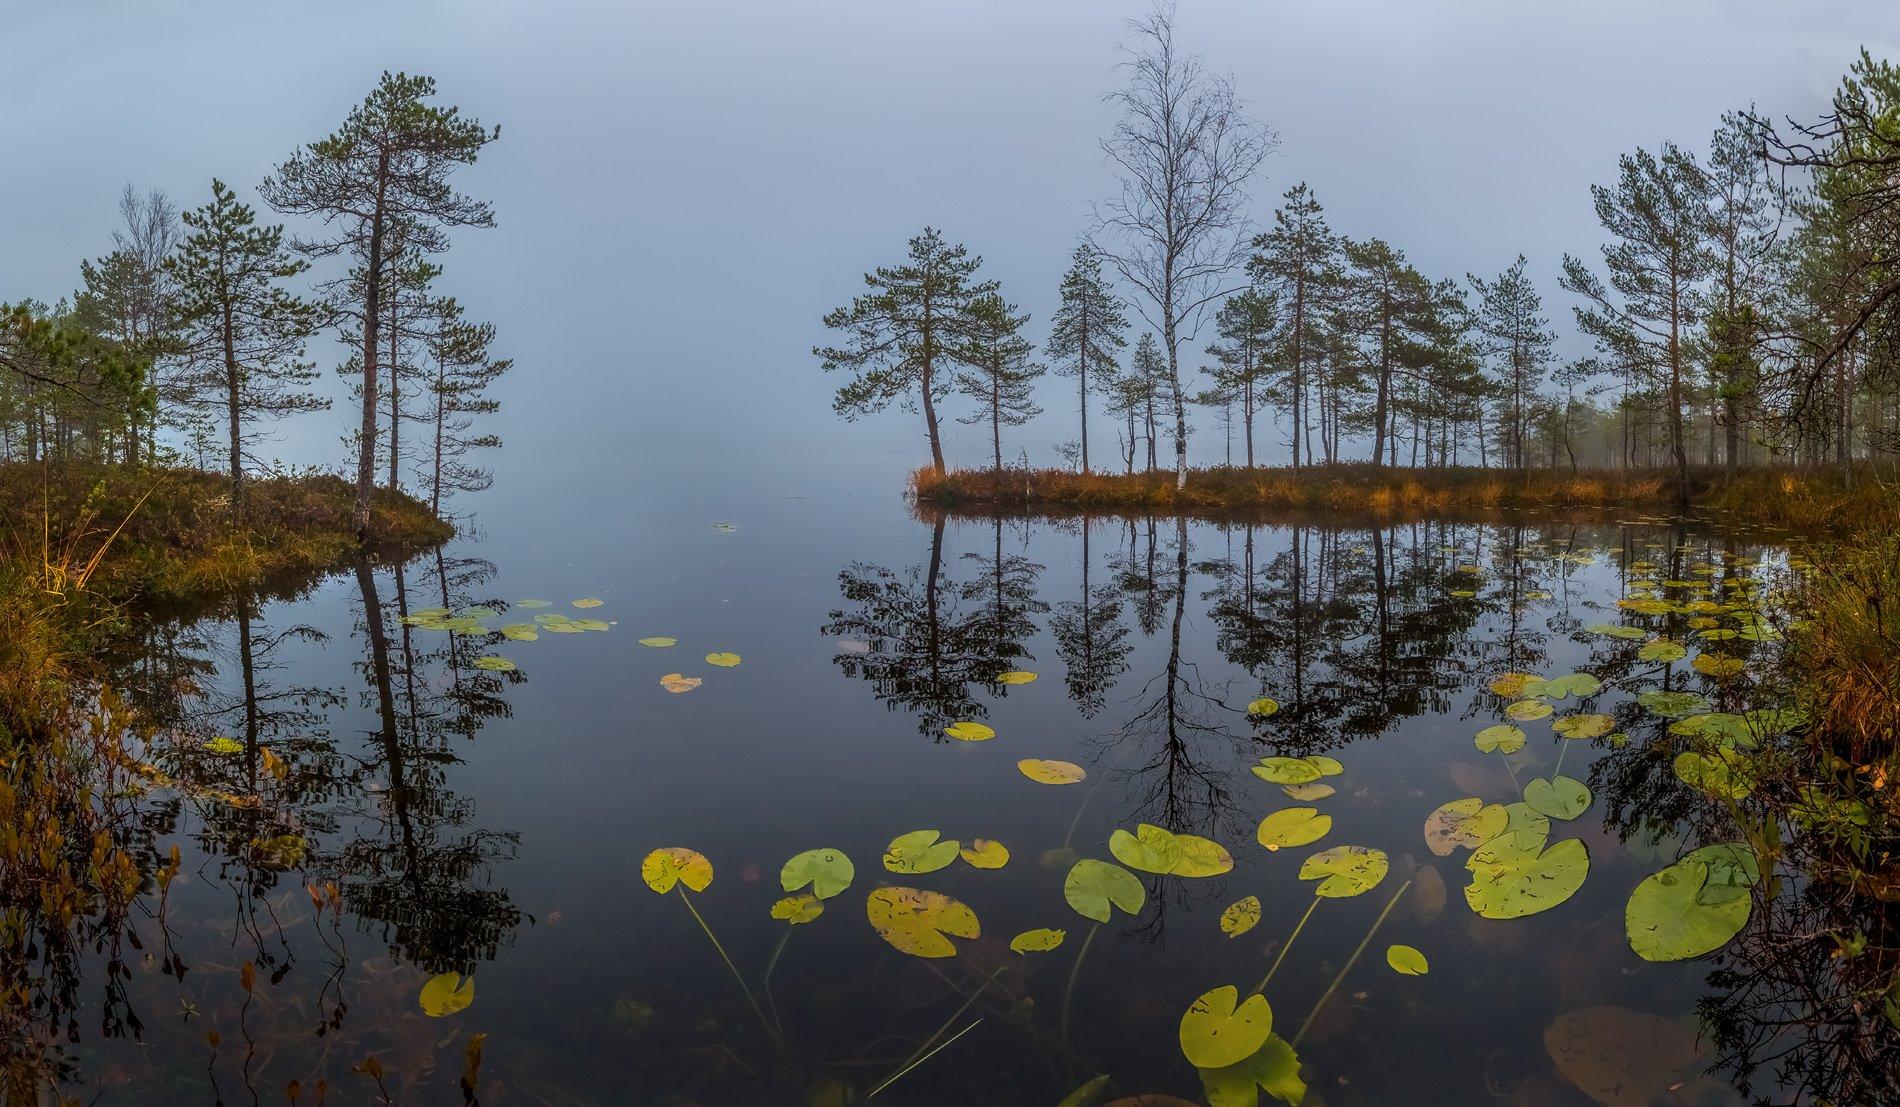 фототур, ленинградская область, деревья, сосна, озеро, рассвет, туман, трава, осень, октябрь, кувшинки., Лашков Фёдор